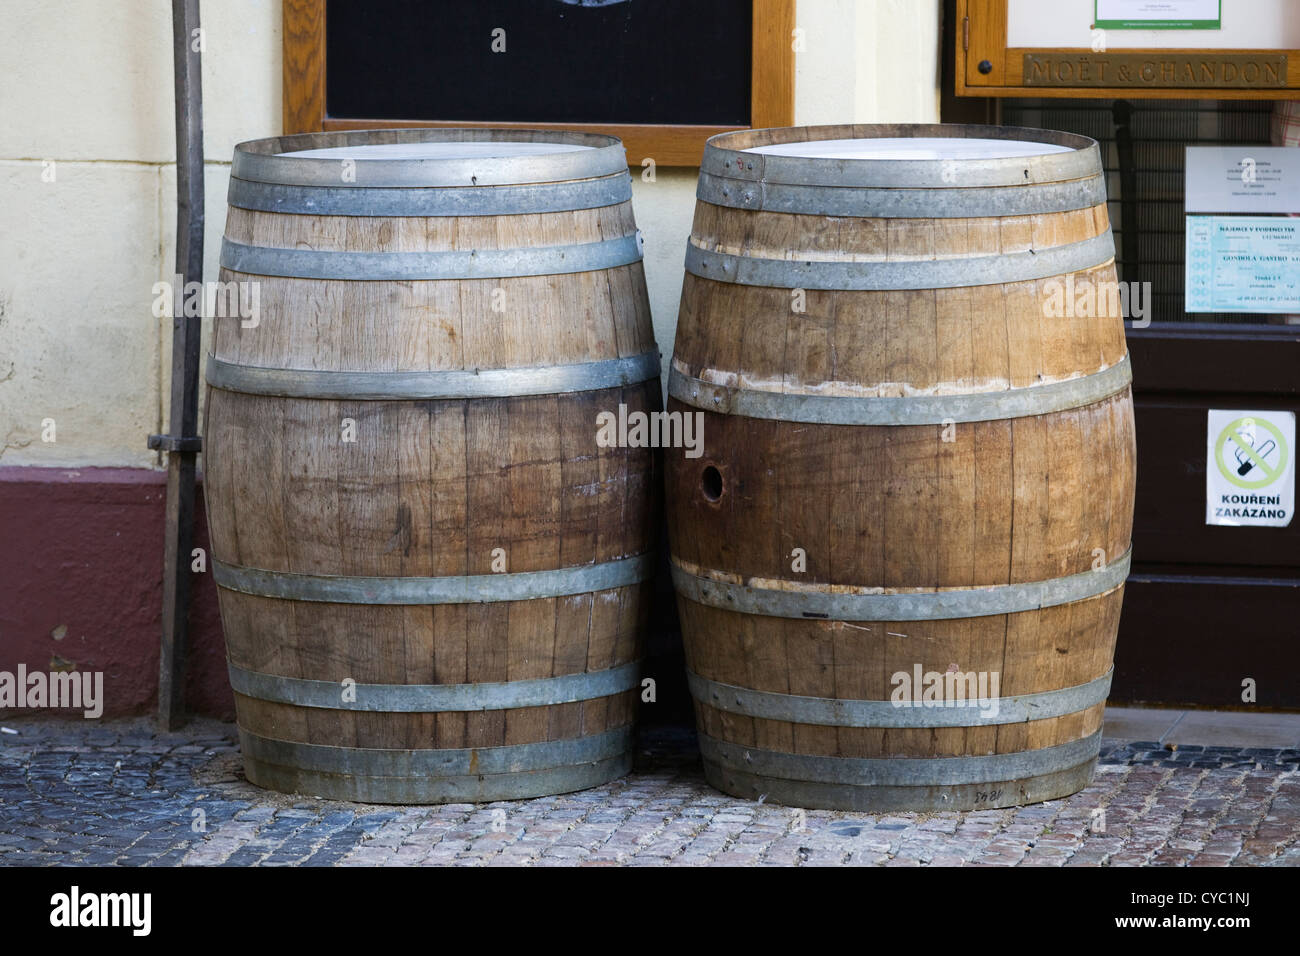 Wooden Beer barrels outside a bar - Stock Image